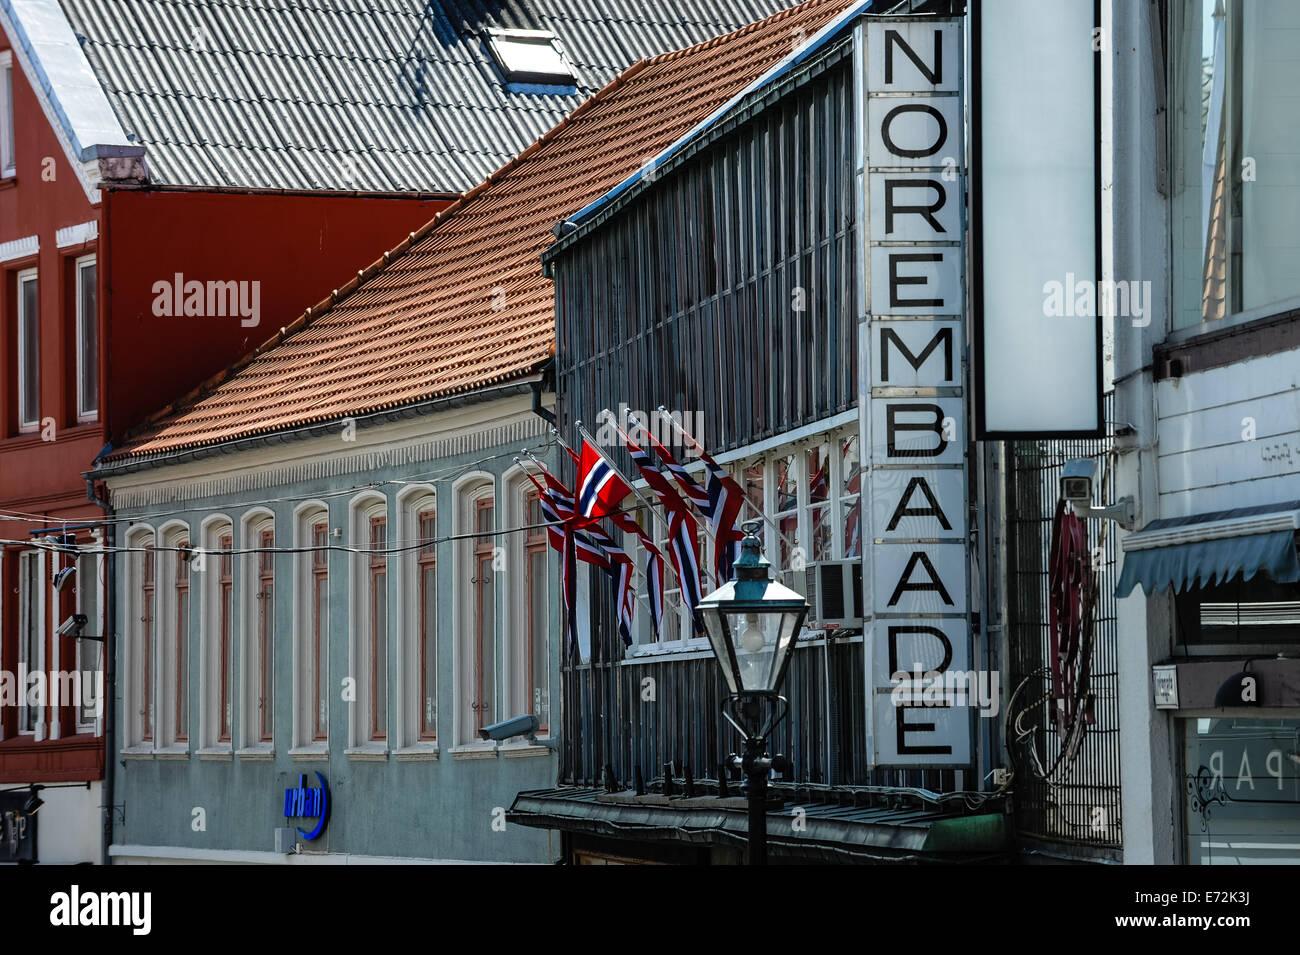 Norway, Stavanger. Norem Baade. - Stock Image